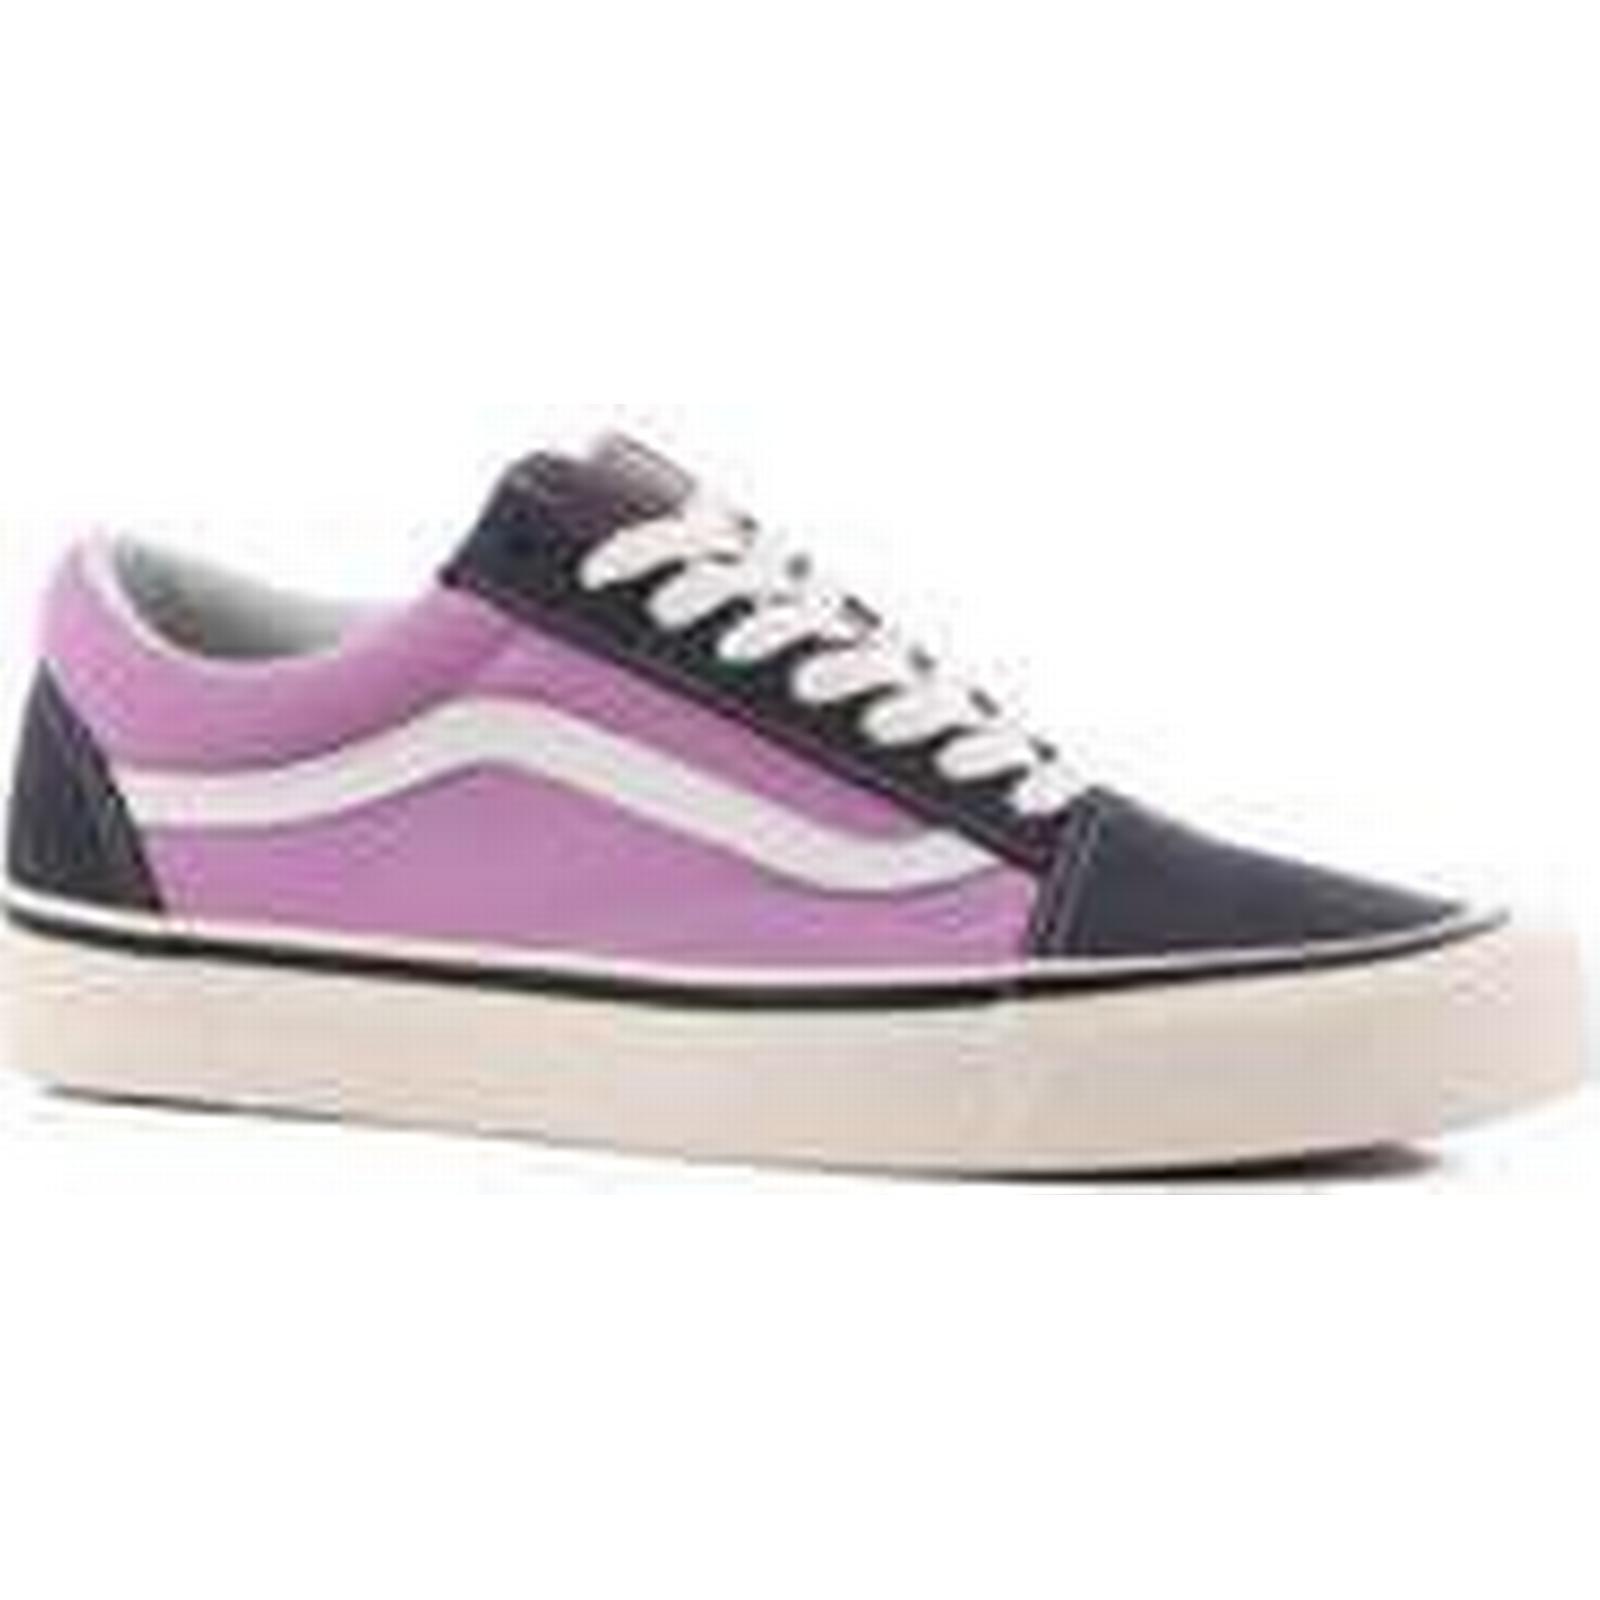 Vans Old Skool 36 DX Skate Shoes lilac (anaheim factory) og navy/og lilac Shoes f10dfb